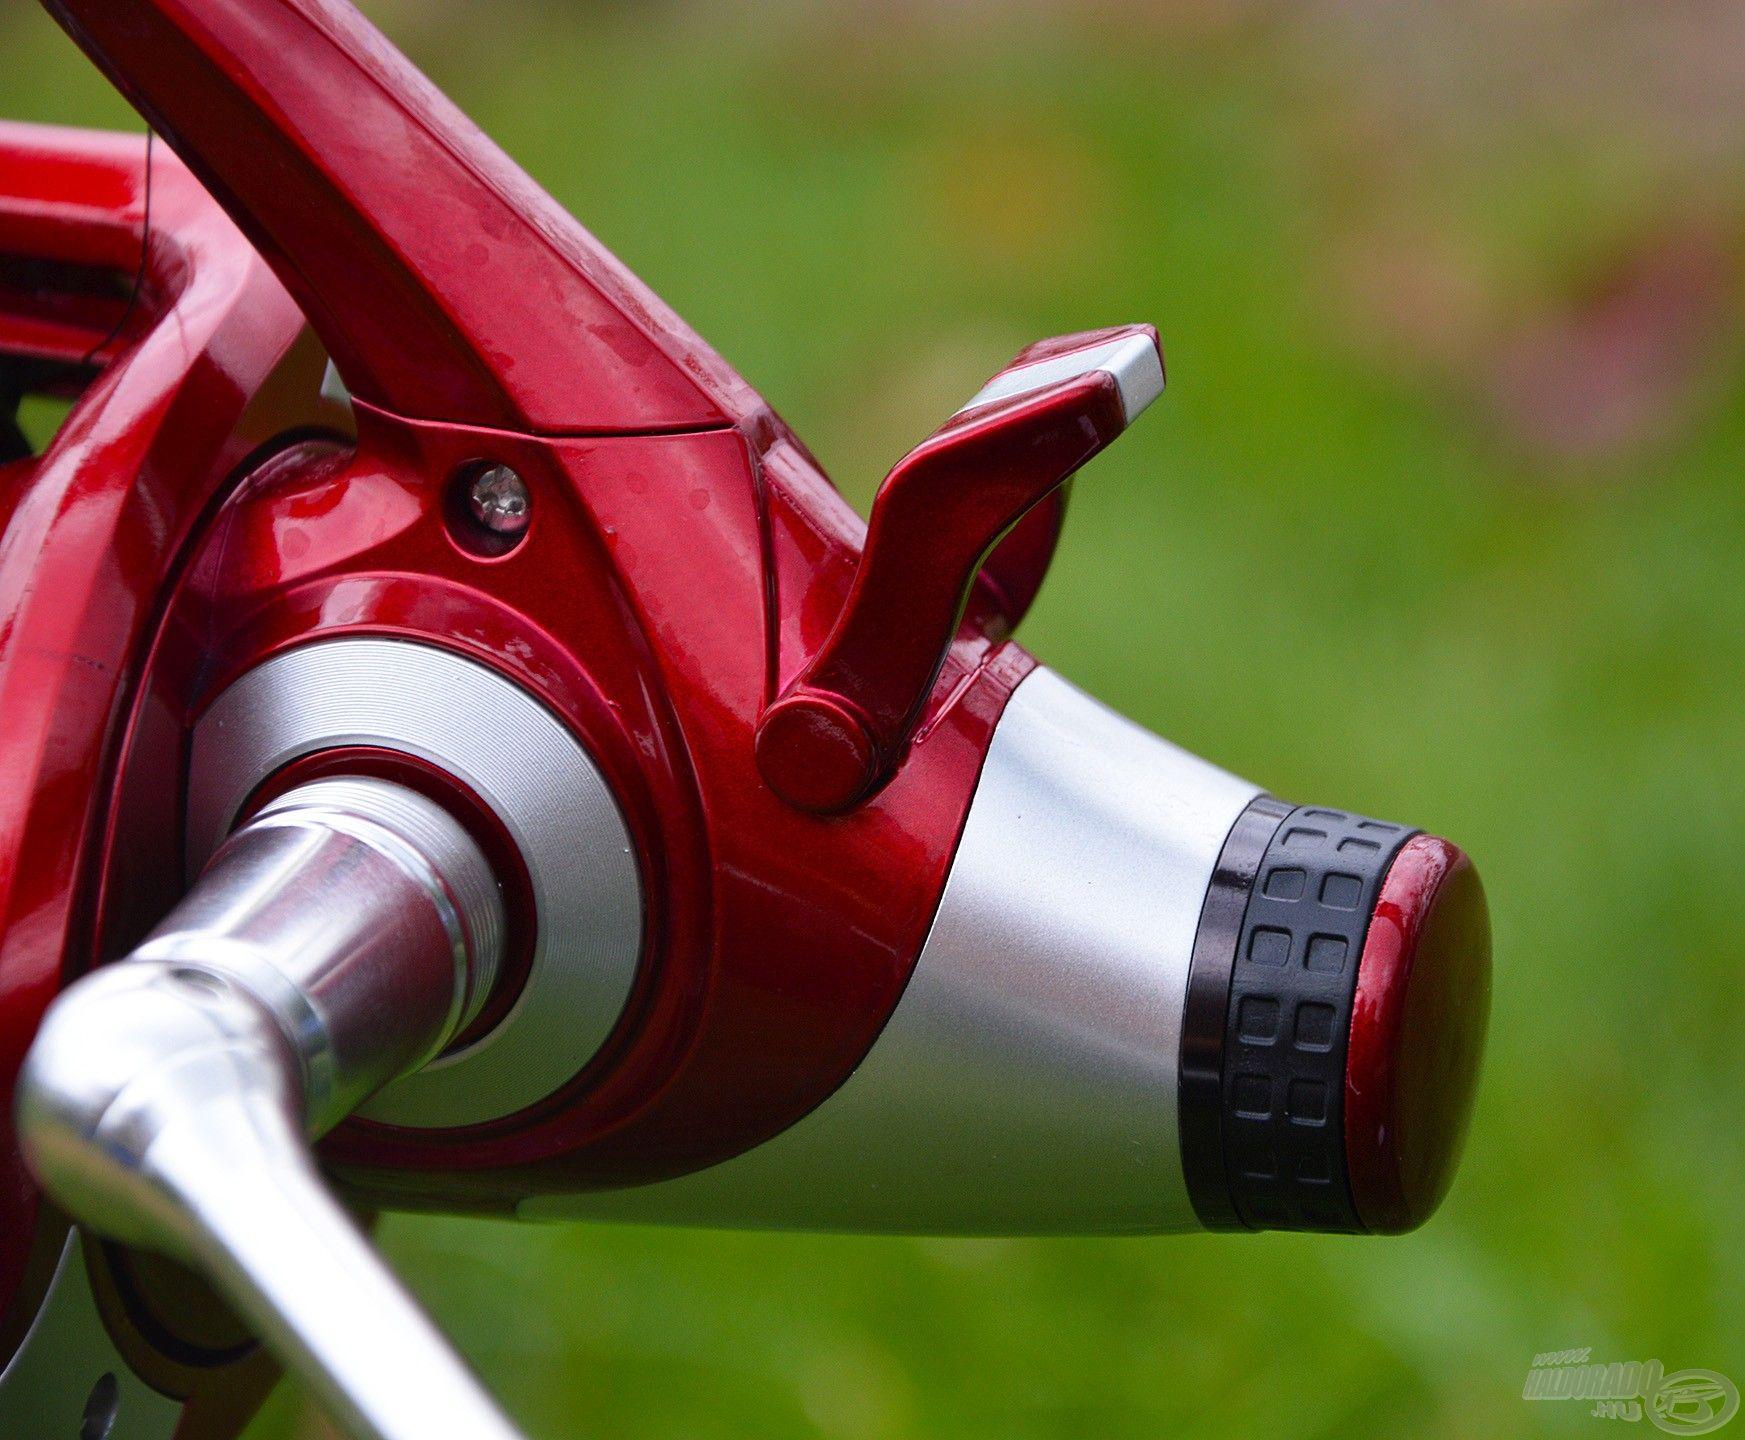 A nyeletőfék a hátul található billenő kapcsolóval aktiválható, erőssége pedig az alatta lévő tekerőgombbal szabályozható